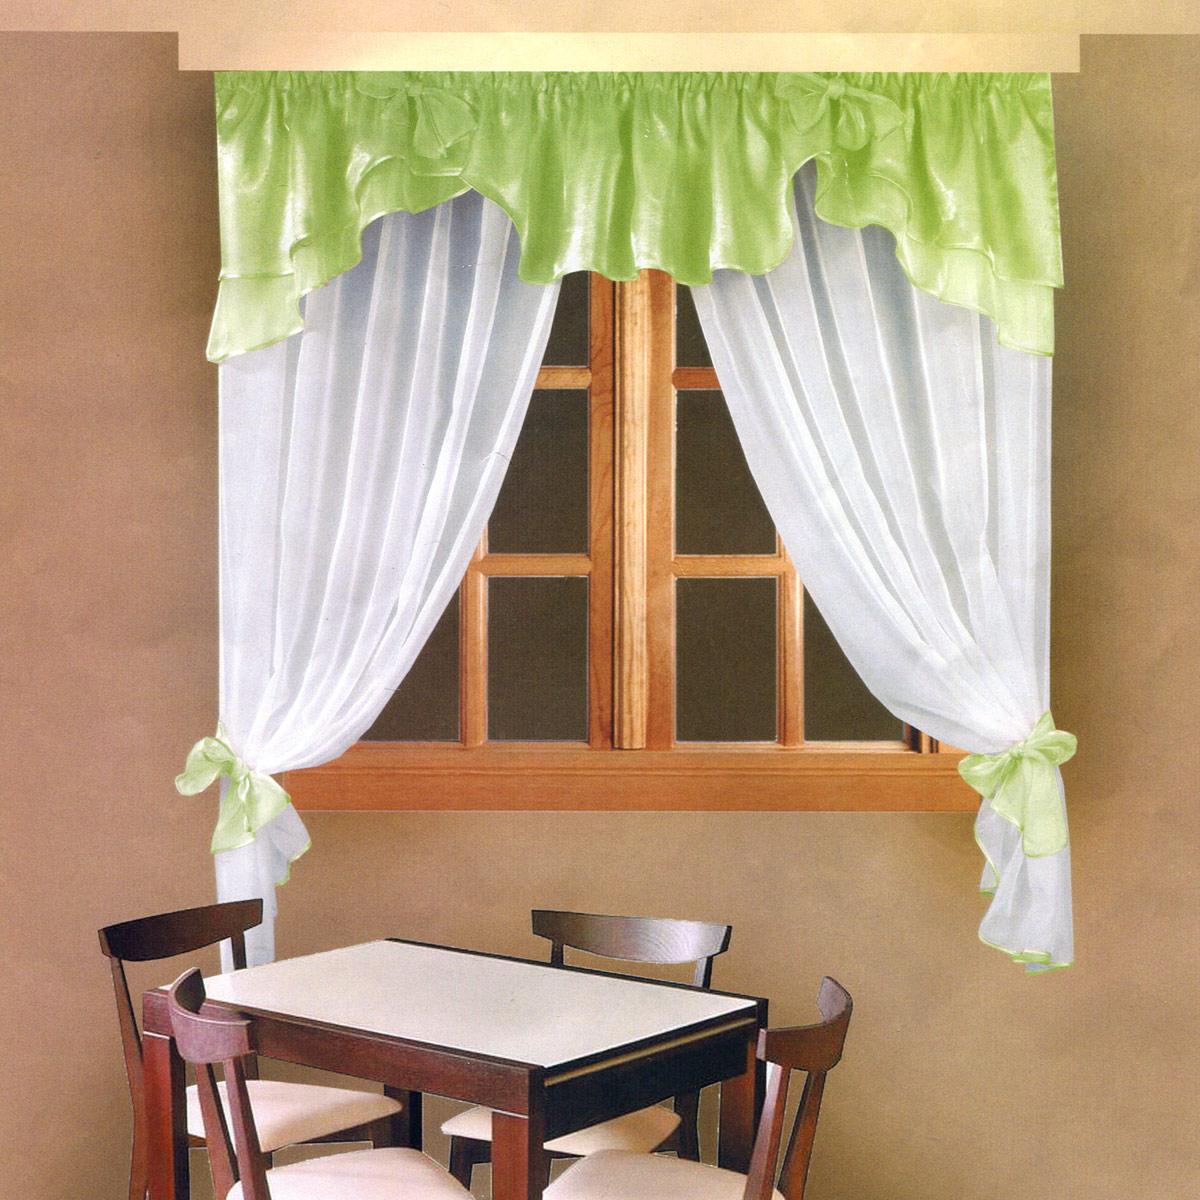 Комплект штор Zlata Korunka, на ленте, цвет: салатовый, высота 160 см. Б029Б029Роскошный комплект штор Zlata Korunka, выполненный из полиэстера, великолепно украсит любое окно. Комплект состоит из ламбрекена и тюля. Воздушная ткань и приятная, приглушенная гамма привлекут к себе внимание и органично впишутся в интерьер помещения. Этот комплект будет долгое время радовать вас и вашу семью! Шторы крепятся на карниз при помощи ленты, которая поможет красиво и равномерно задрапировать верх. Тюль можно зафиксировать в одном положении с помощью двух подхватов, которые можно завязать в банты.